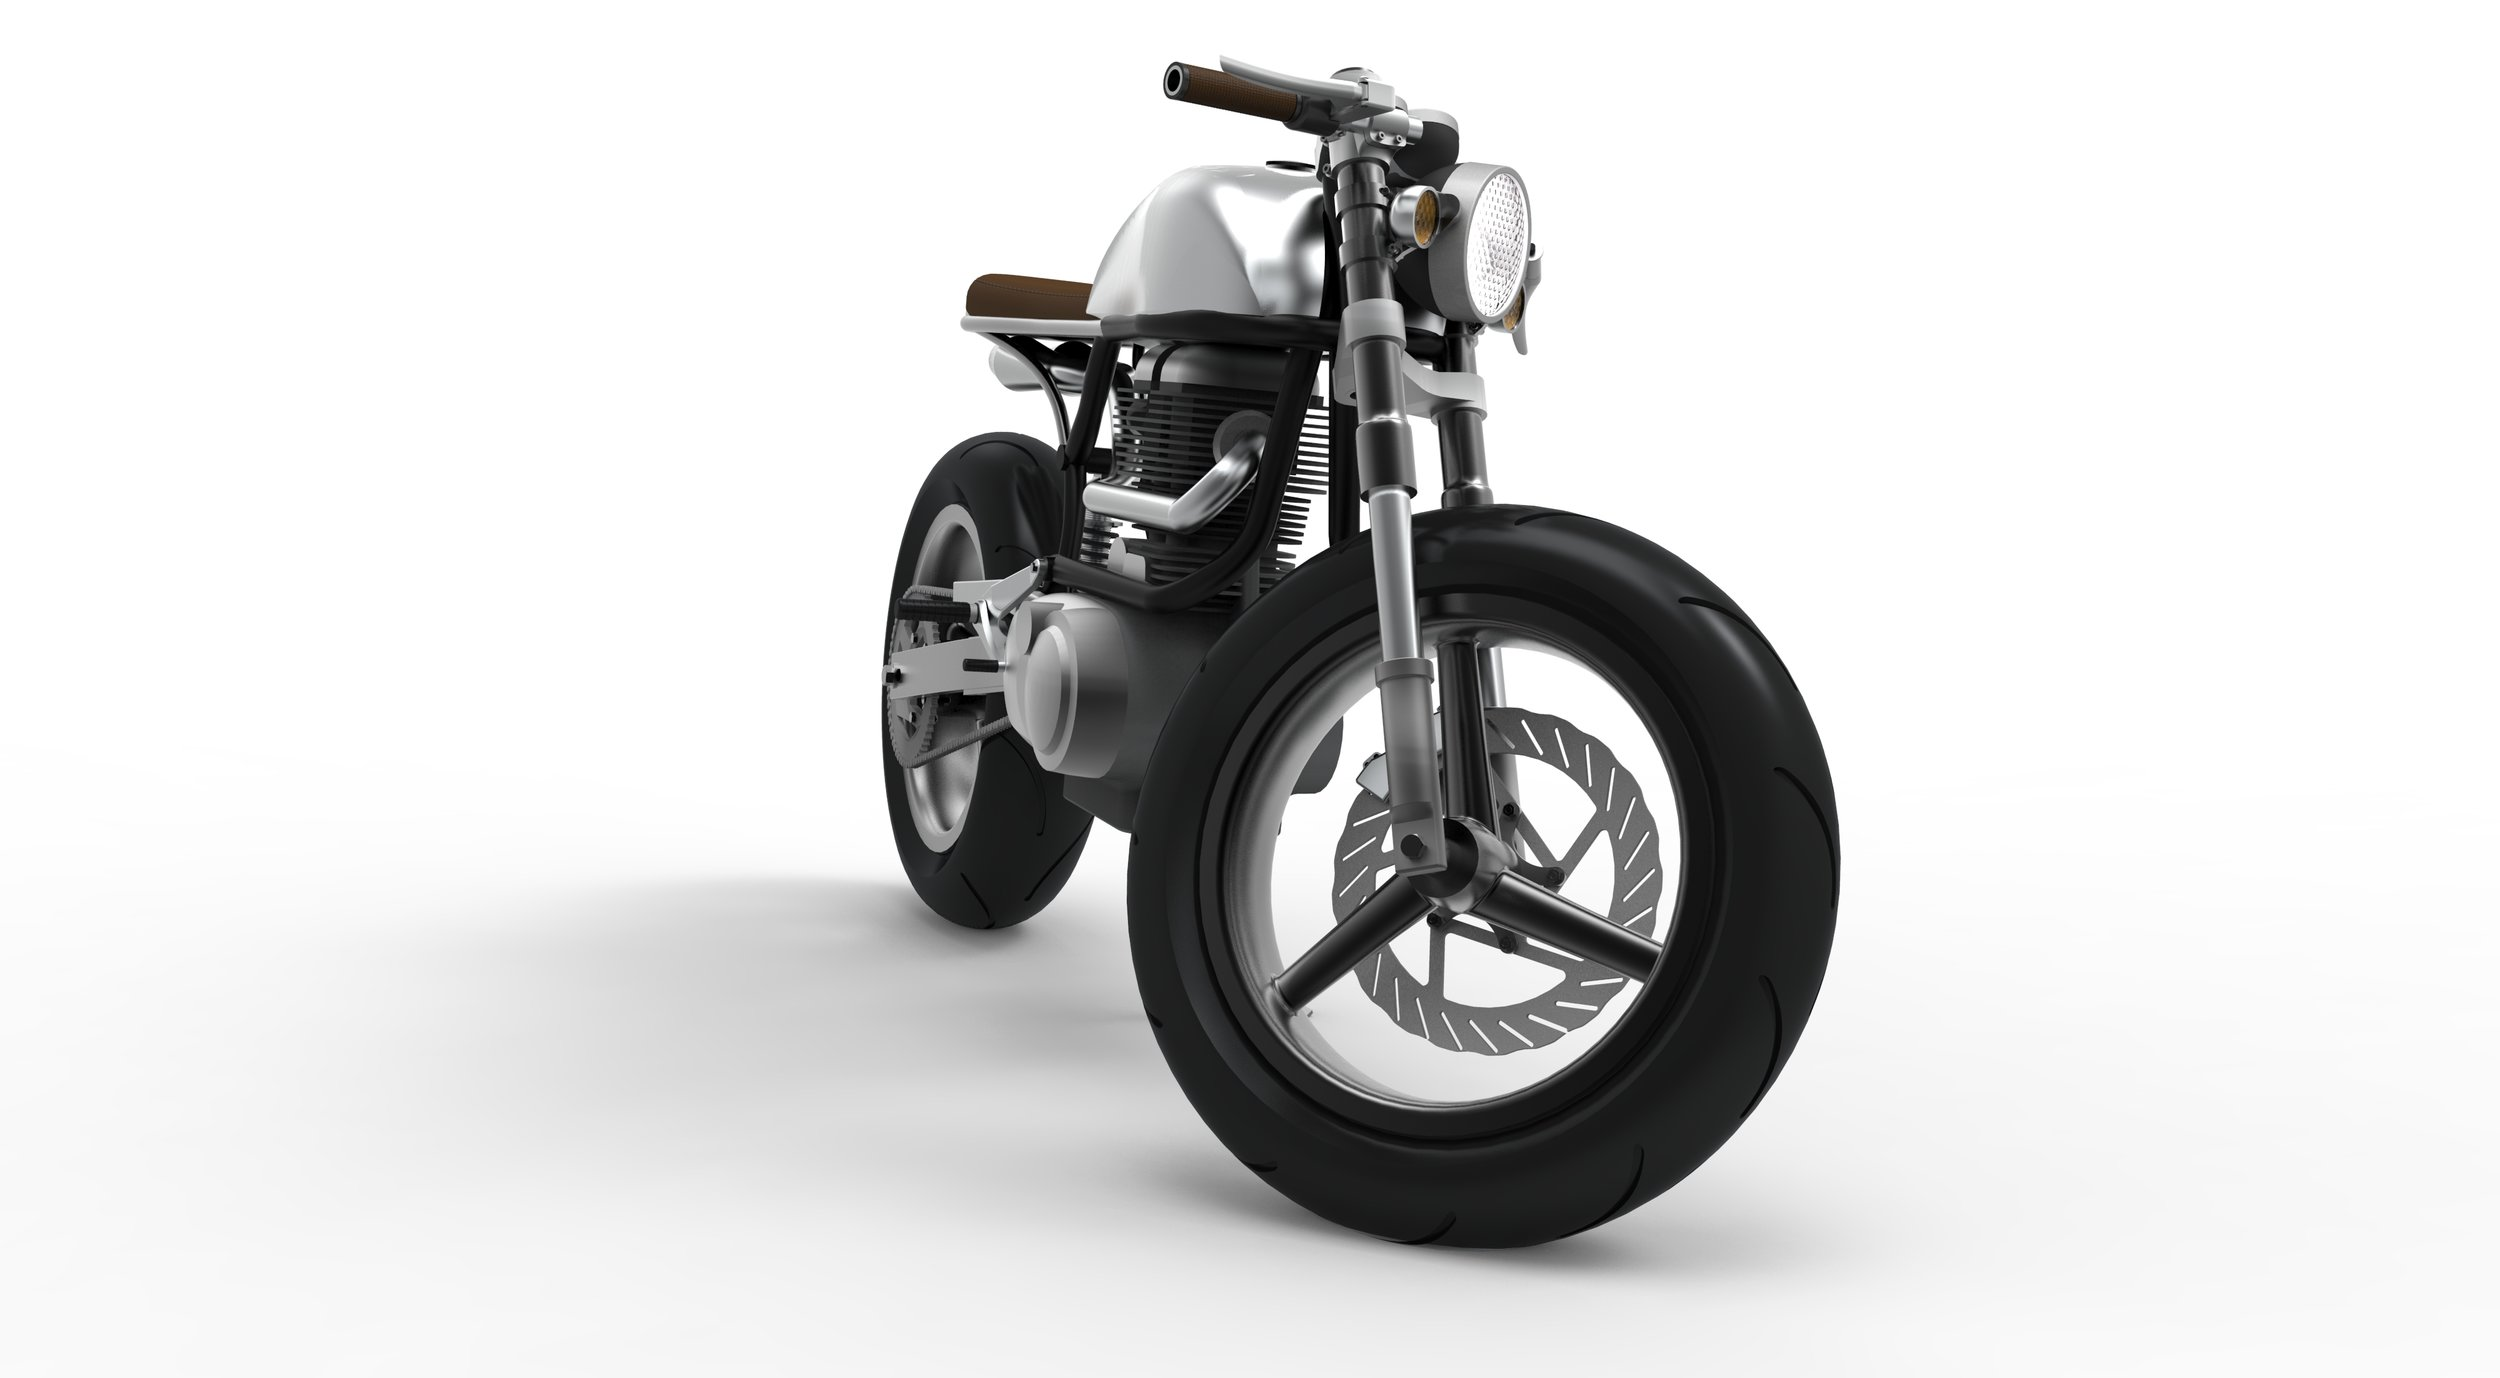 bike on stand.50.jpg